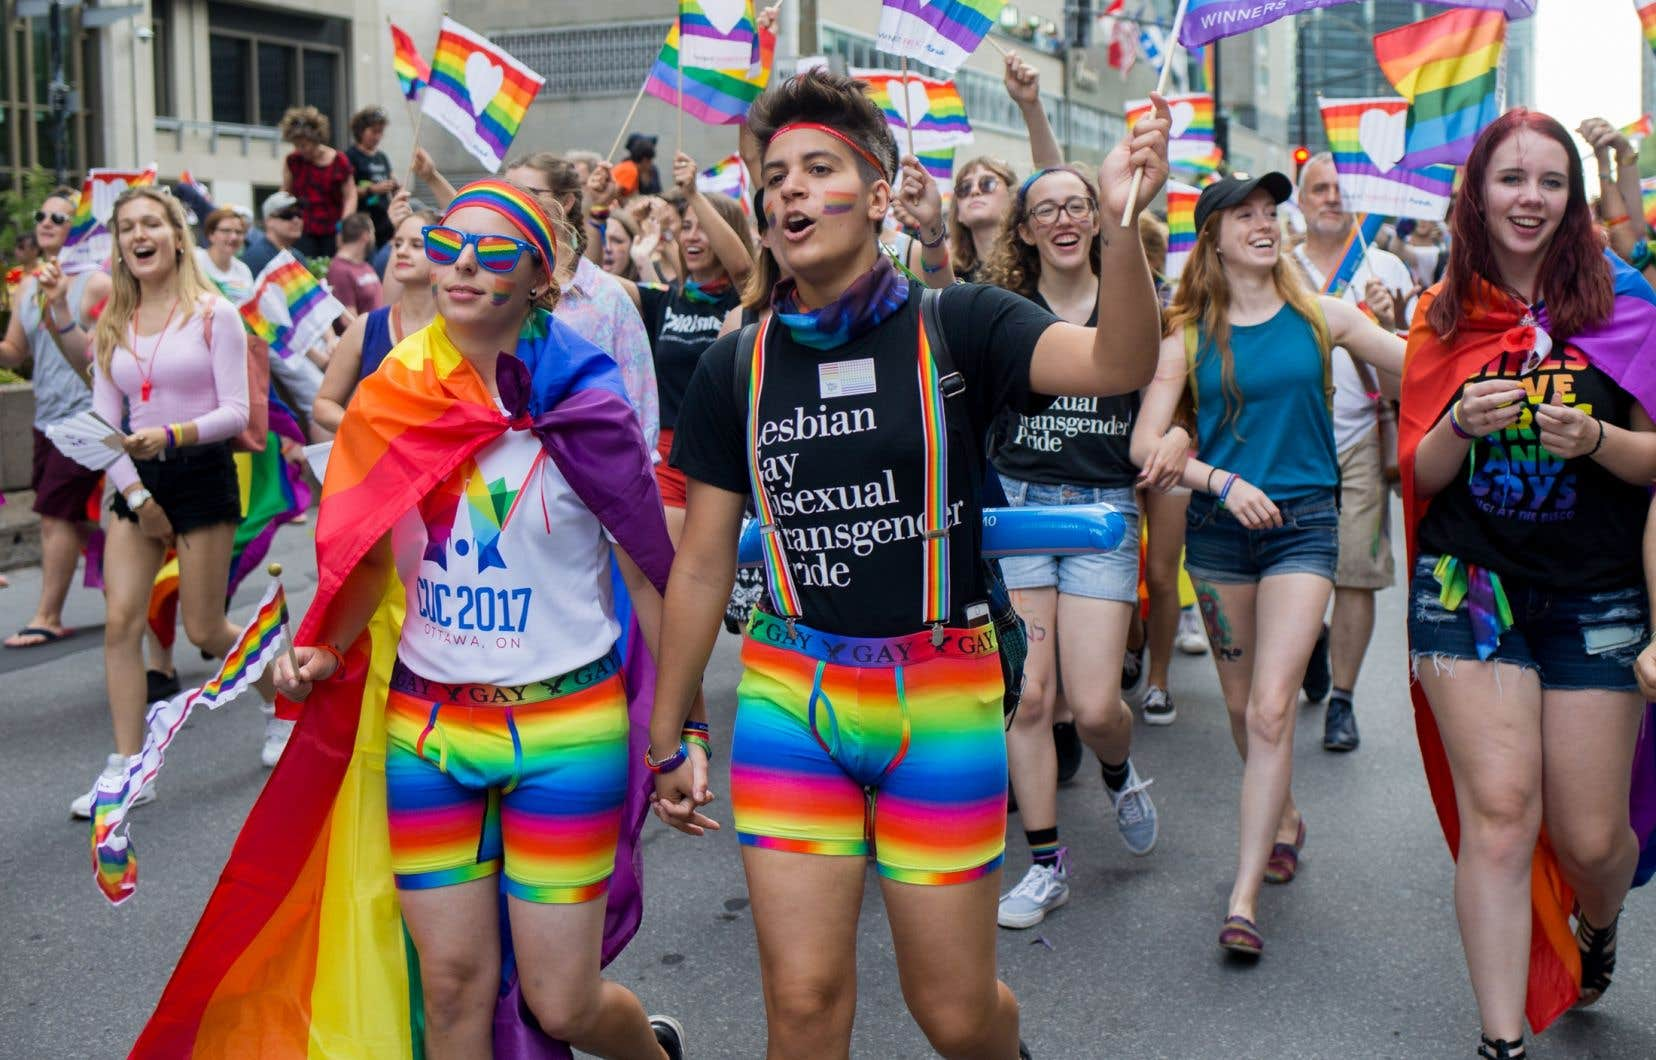 Plus de la moitié des Canadiens interrogés pensent que leurs gouvernements devraient lutter de façon plus proactive contre l'homophobie et la transphobie dans le monde.